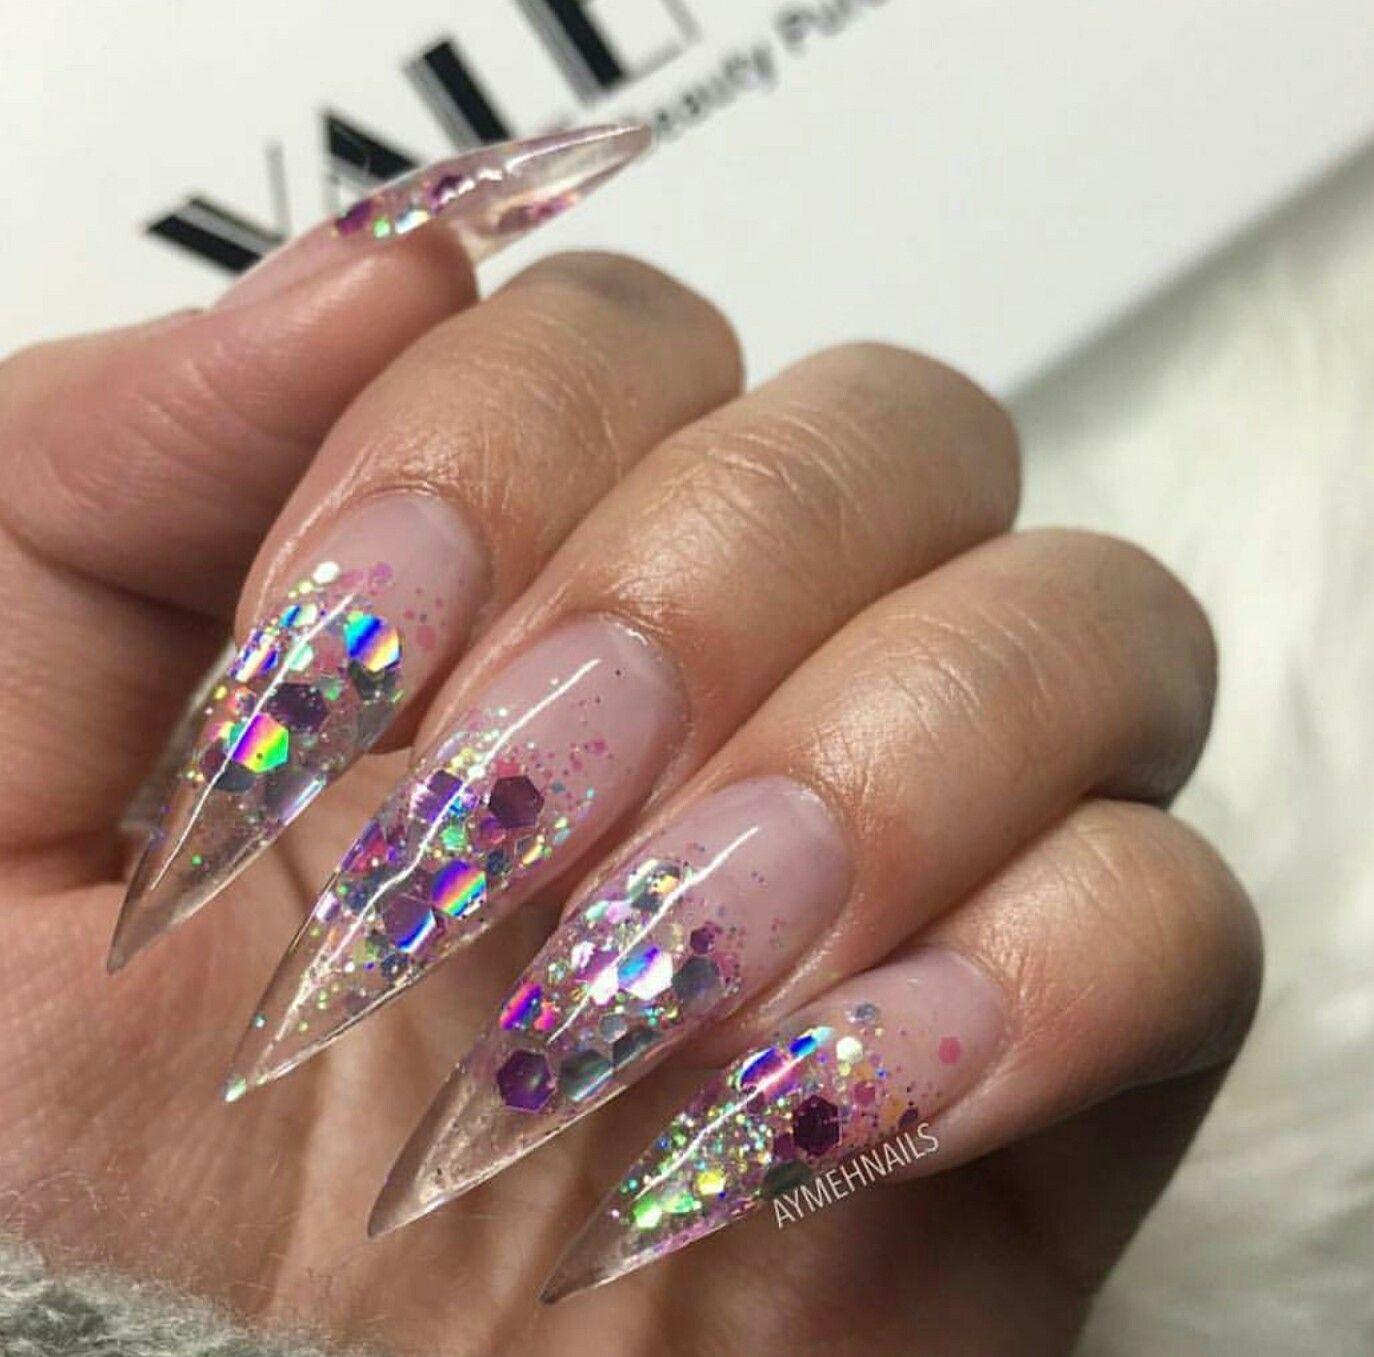 Nails. Clear Nails. Stiletto Nails. Acrylics Nails | Nails ...